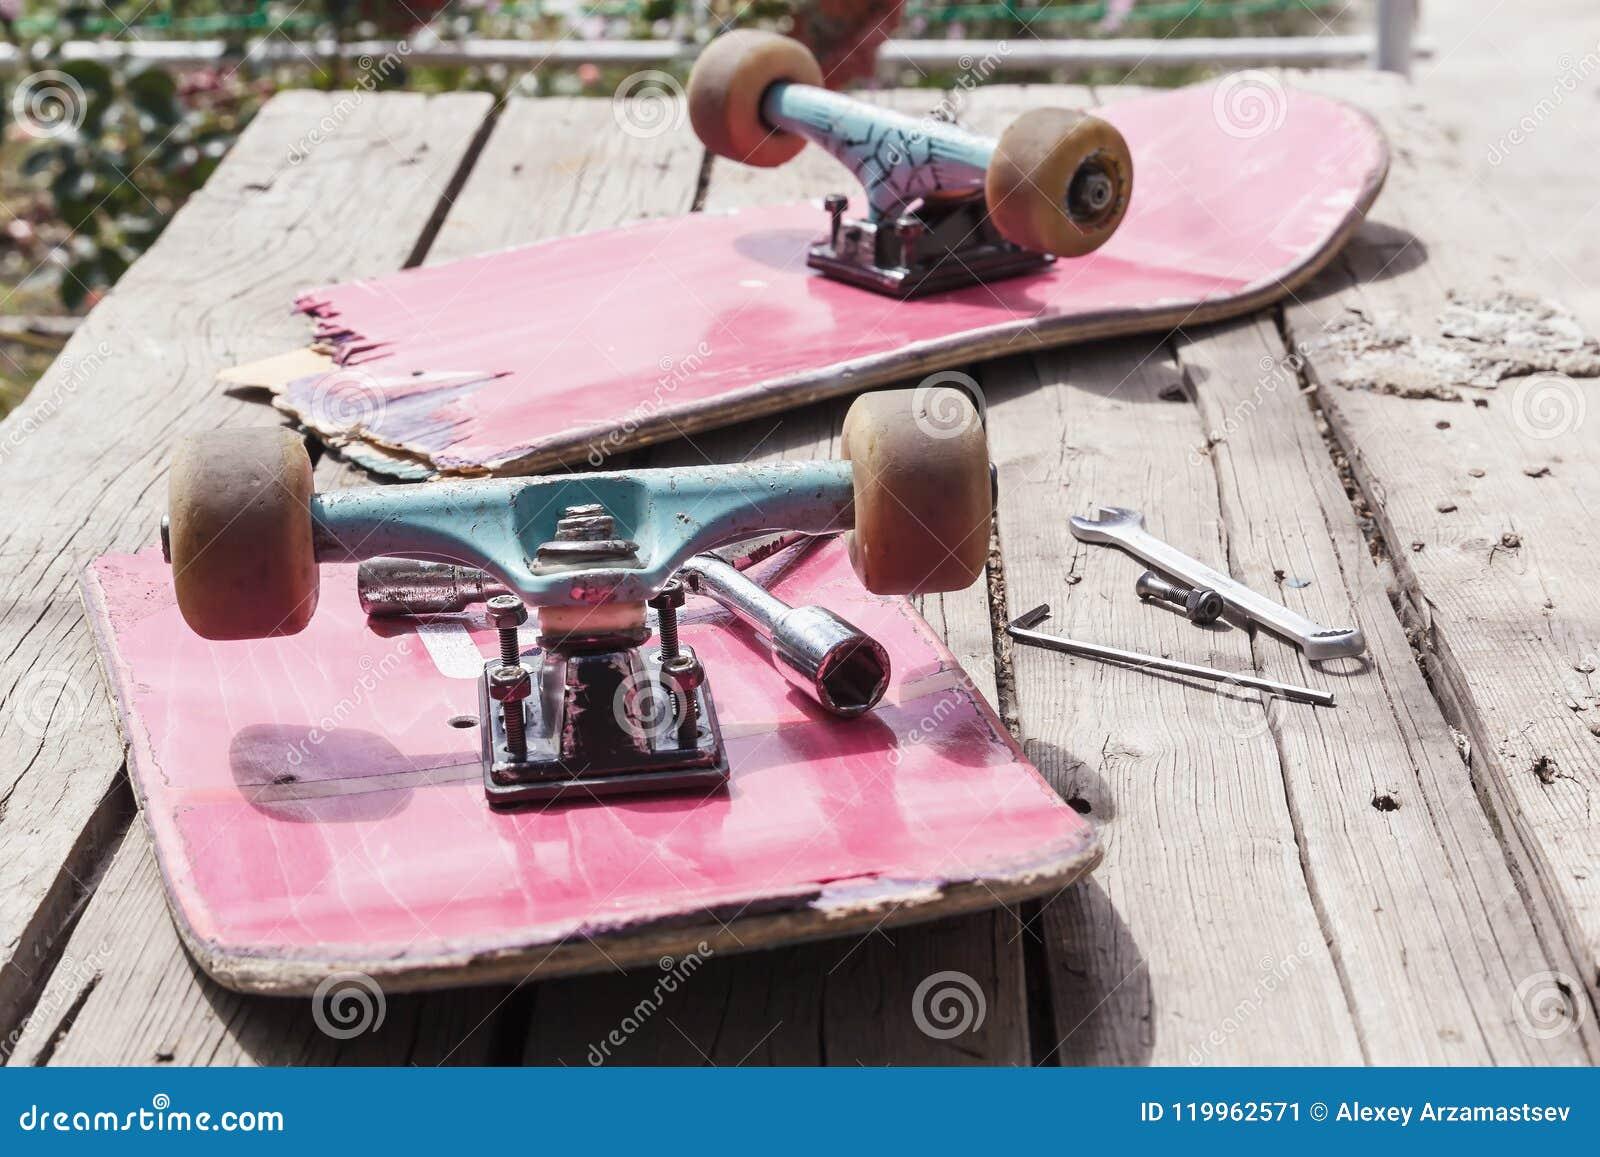 Παλαιό σπασμένο skateboard εναπόκειται σε ένα κλειδί σε έναν ξύλινο πίνακα υπαίθρια